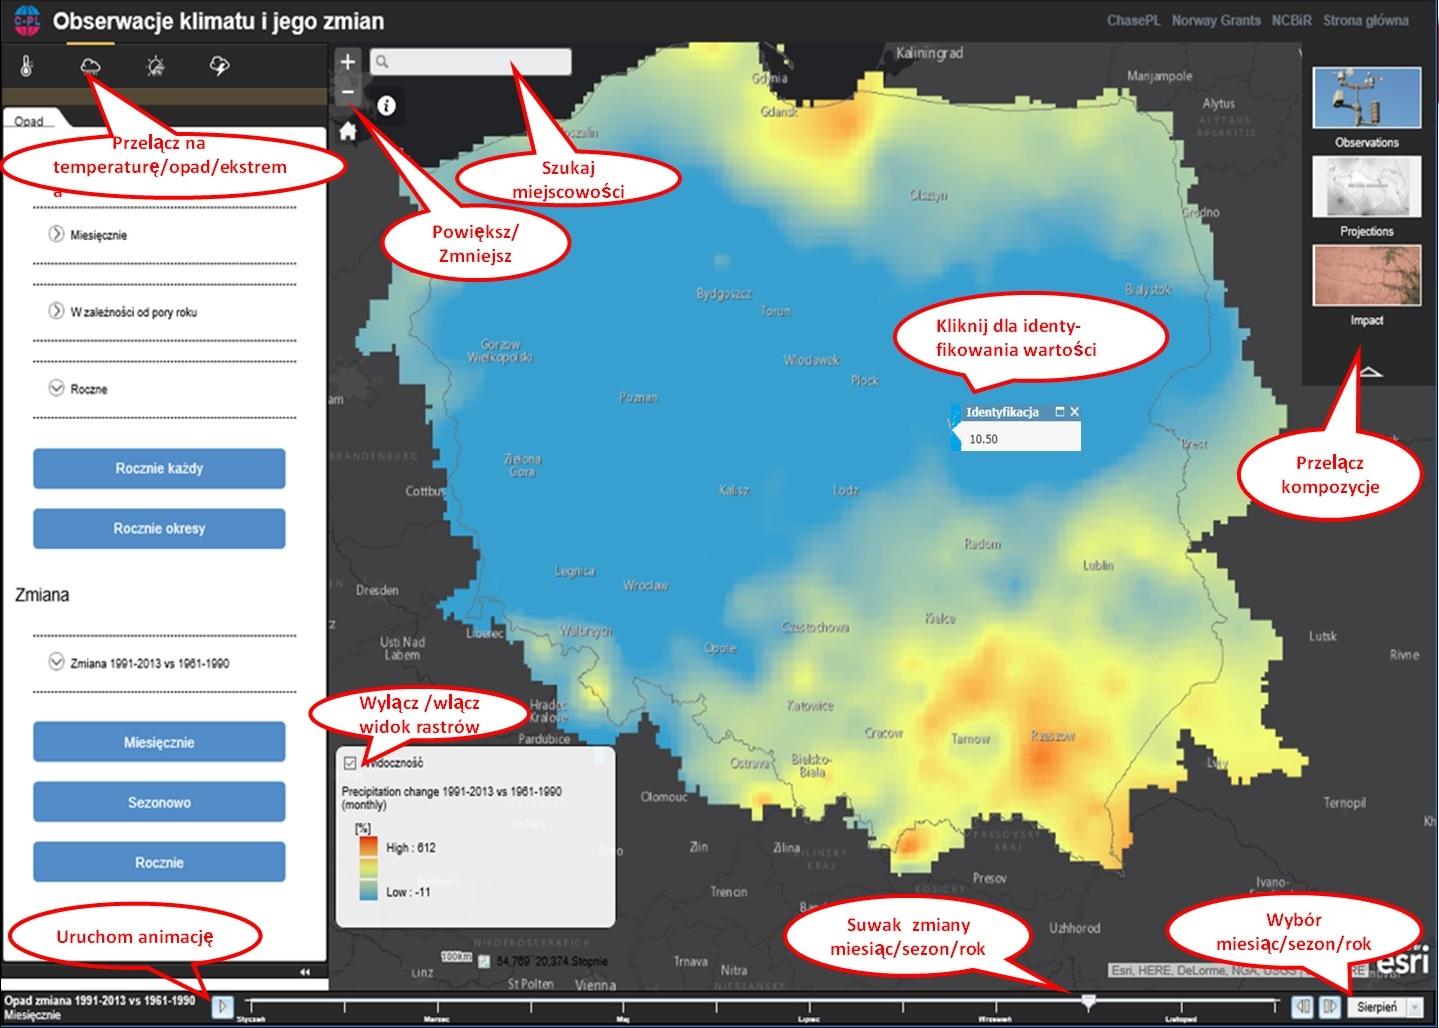 Rys. 3. Funkcjonalność aplikacji mapowej obserwacji historycznych klimatu Polski.